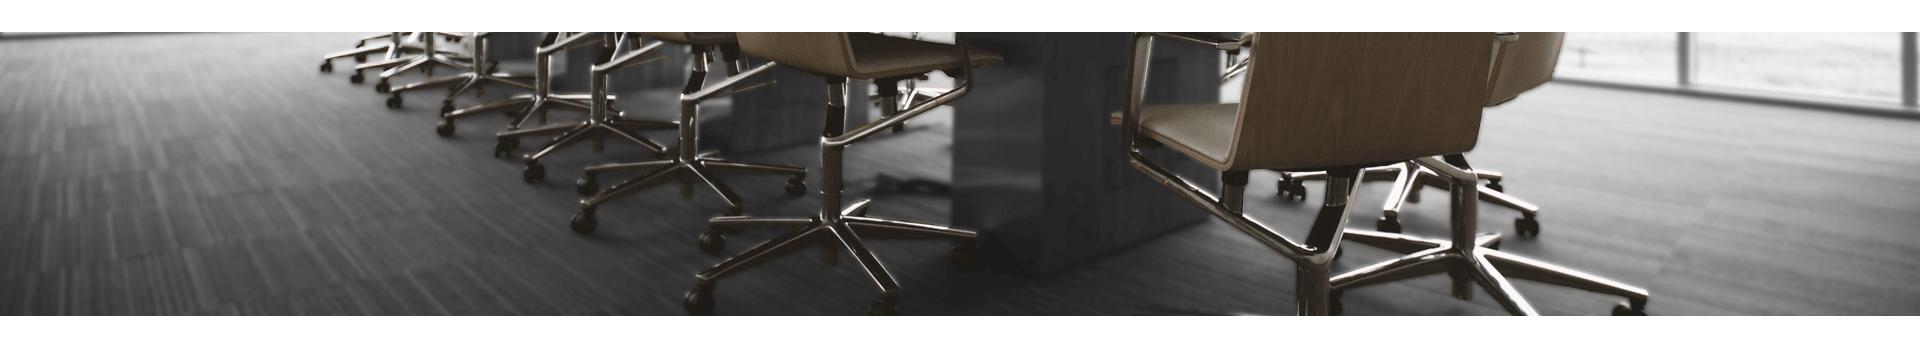 Sillas y Sillones de Oficina | Sillas Ejecutivas | Mobelfy ®